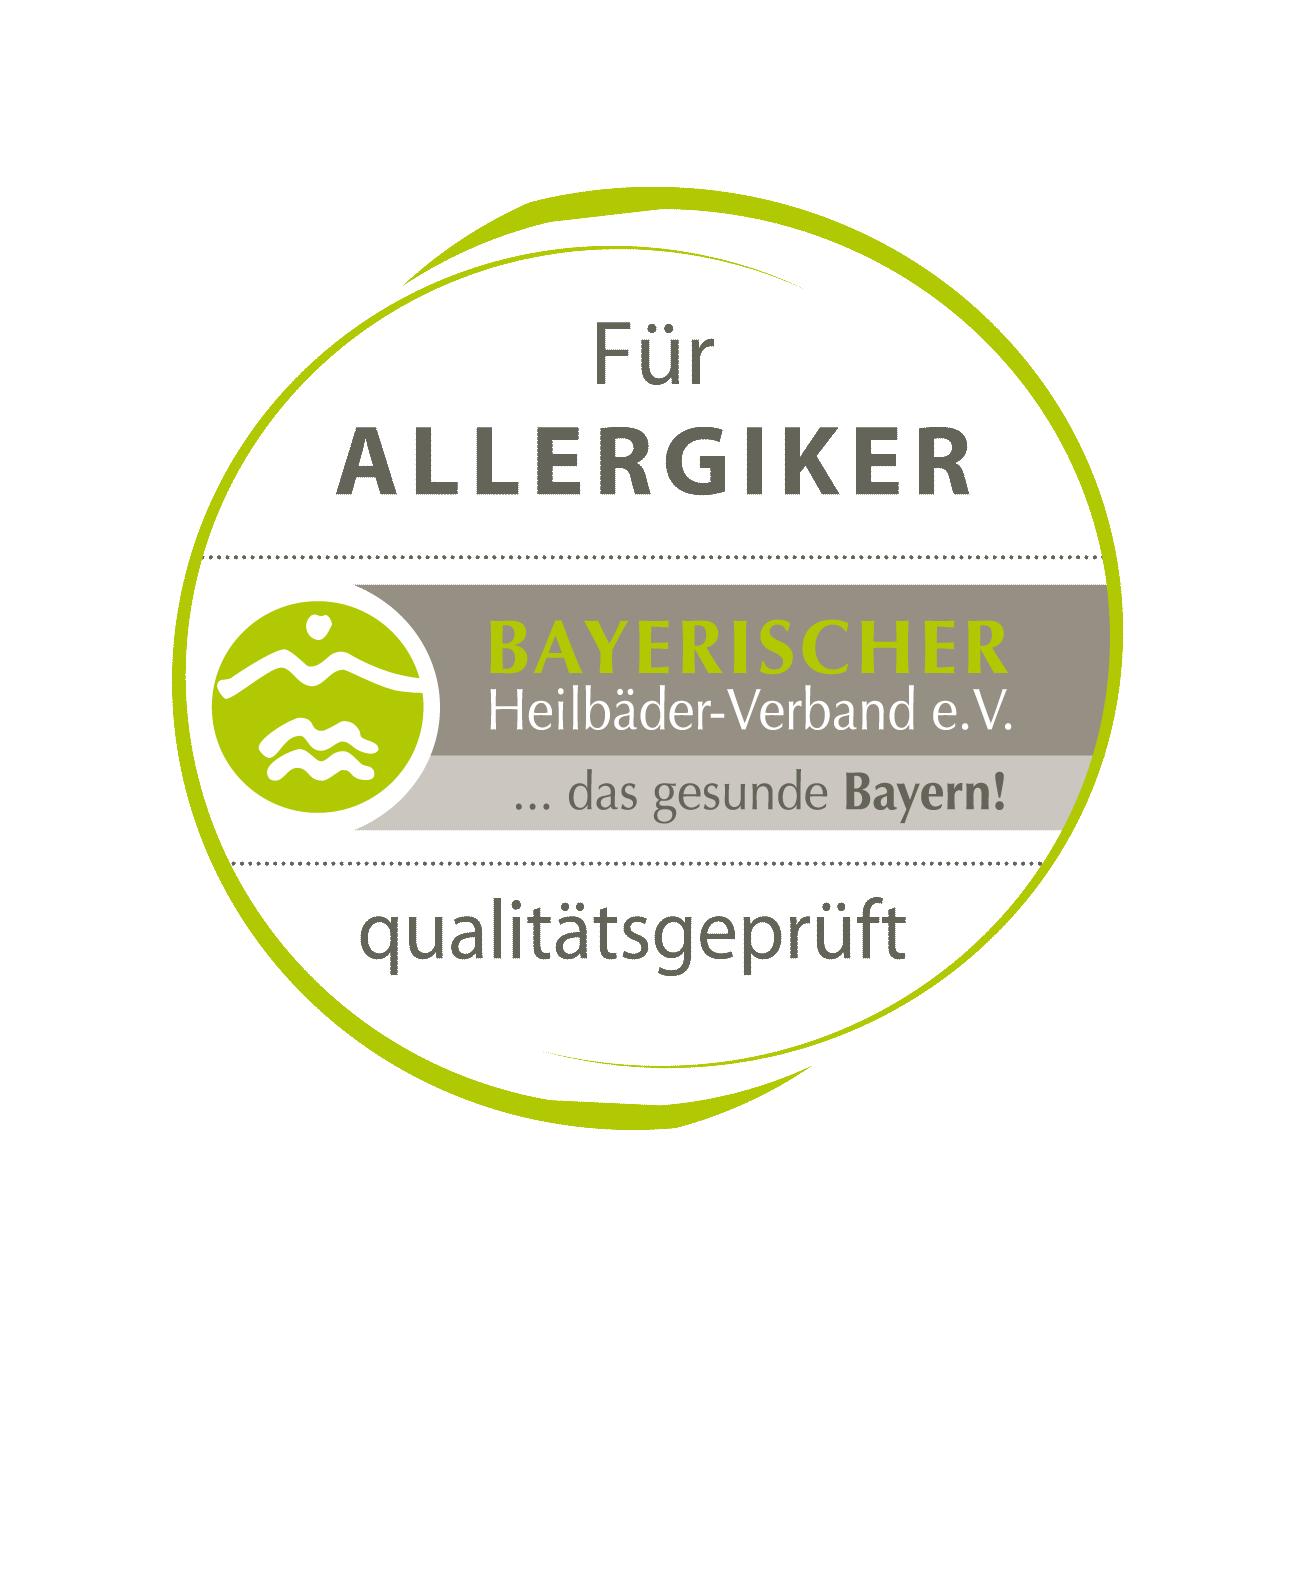 OCRZ_Siegel_Allergikerfreundlich_auf_schwarz - Kopie